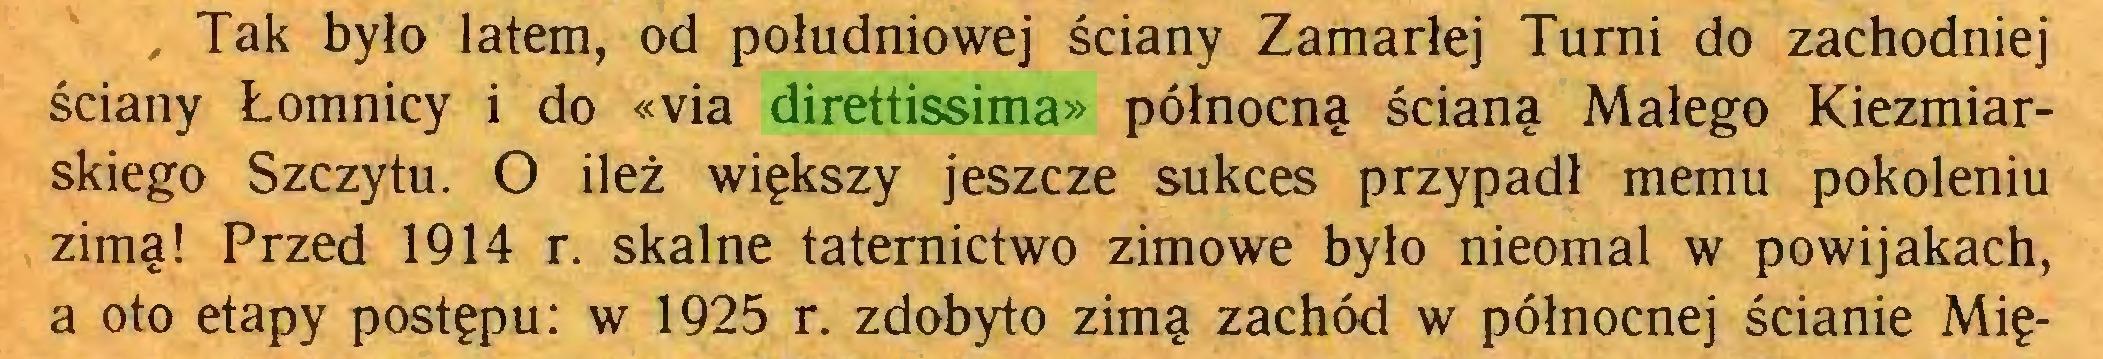 (...) , Tak było latem, od południowej ściany Zamarłej Turni do zachodniej ściany Łomnicy i do «via direttissima» północną ścianą Małego Kiezmiarskiego Szczytu. O ileż większy jeszcze sukces przypadł memu pokoleniu zimą! Przed 1914 r. skalne taternictwo zimowe było nieomal w powijakach, a oto etapy postępu: w 1925 r. zdobyto zimą zachód w północnej ścianie Mię...